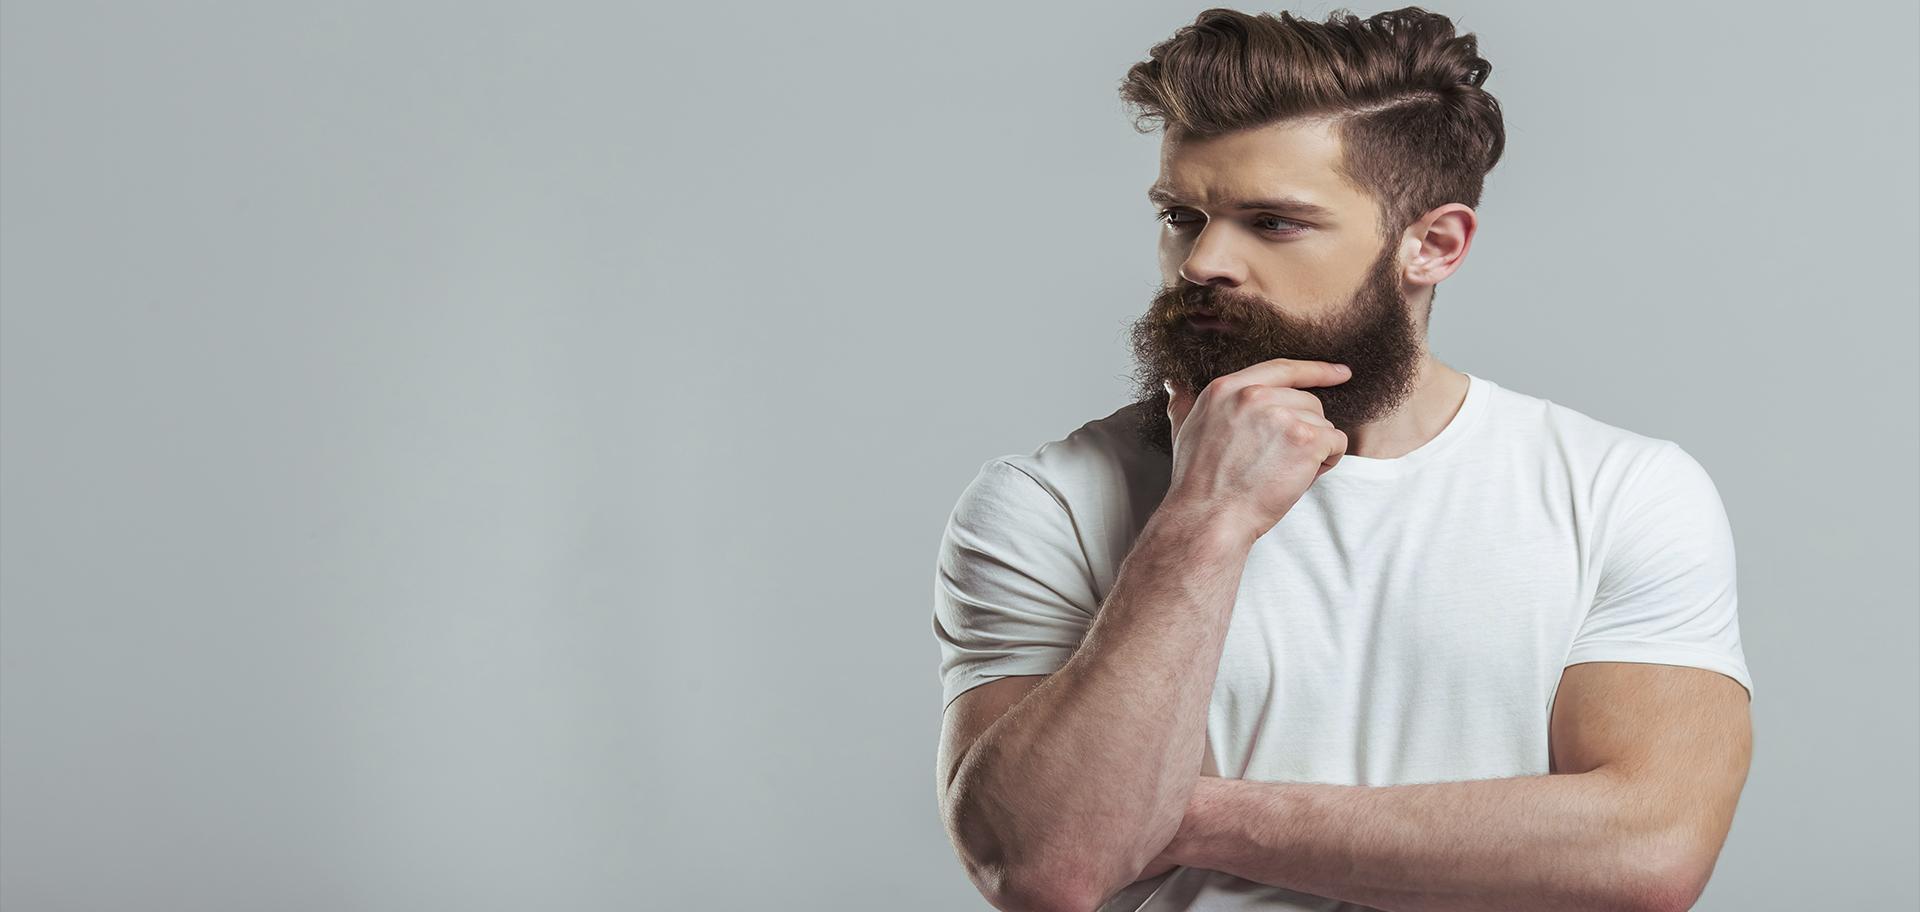 tecnica fue para barba